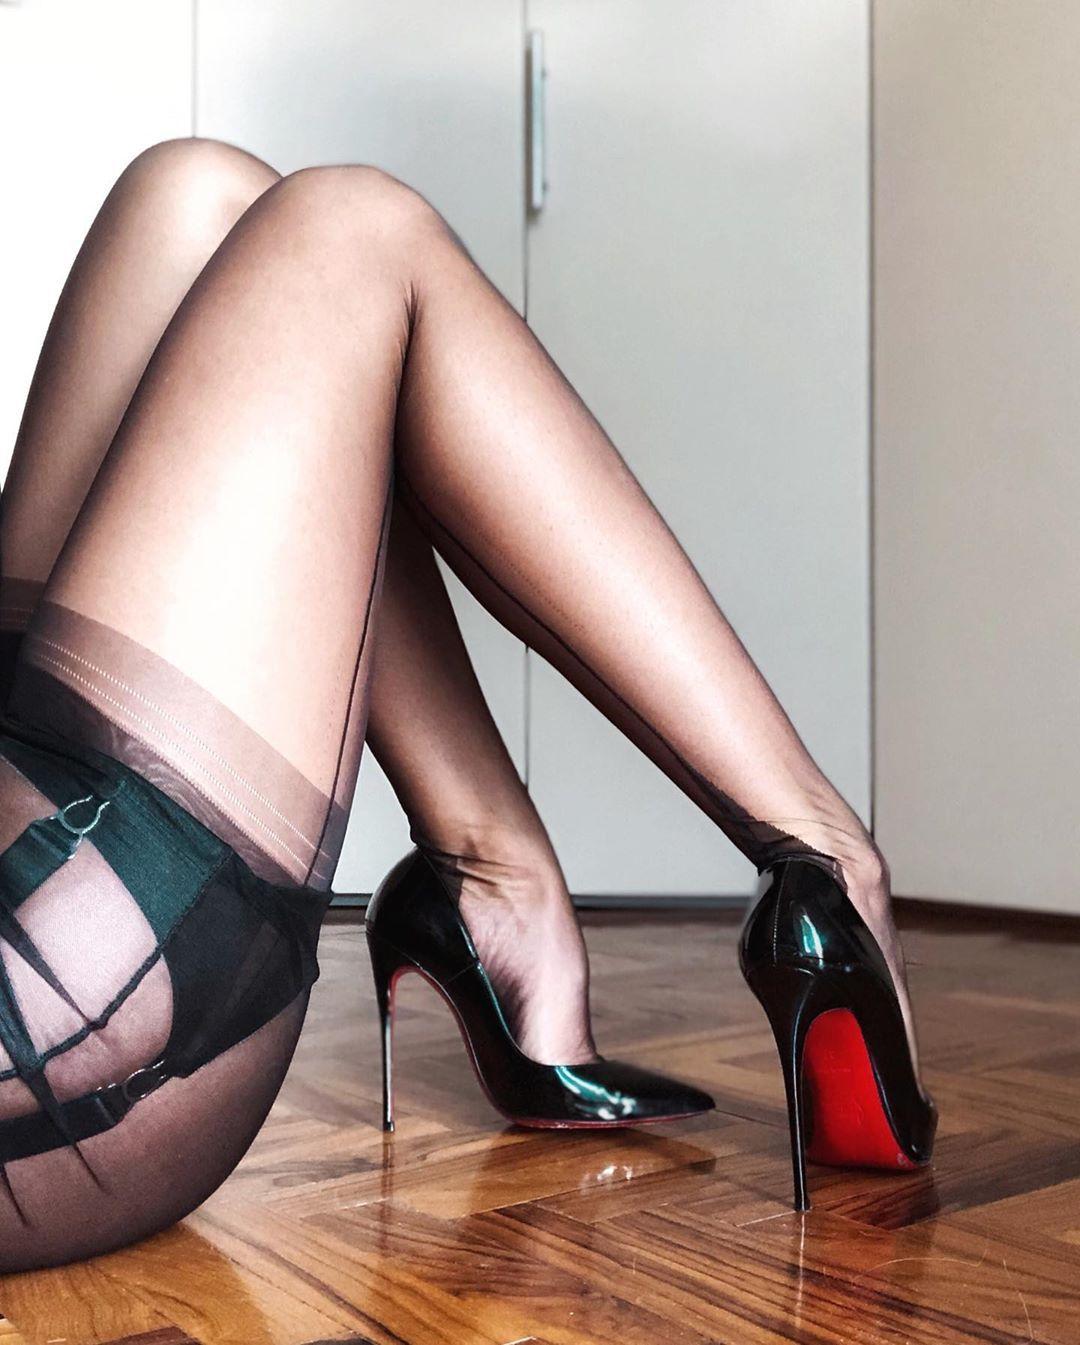 Webcam Show Heels Stockings